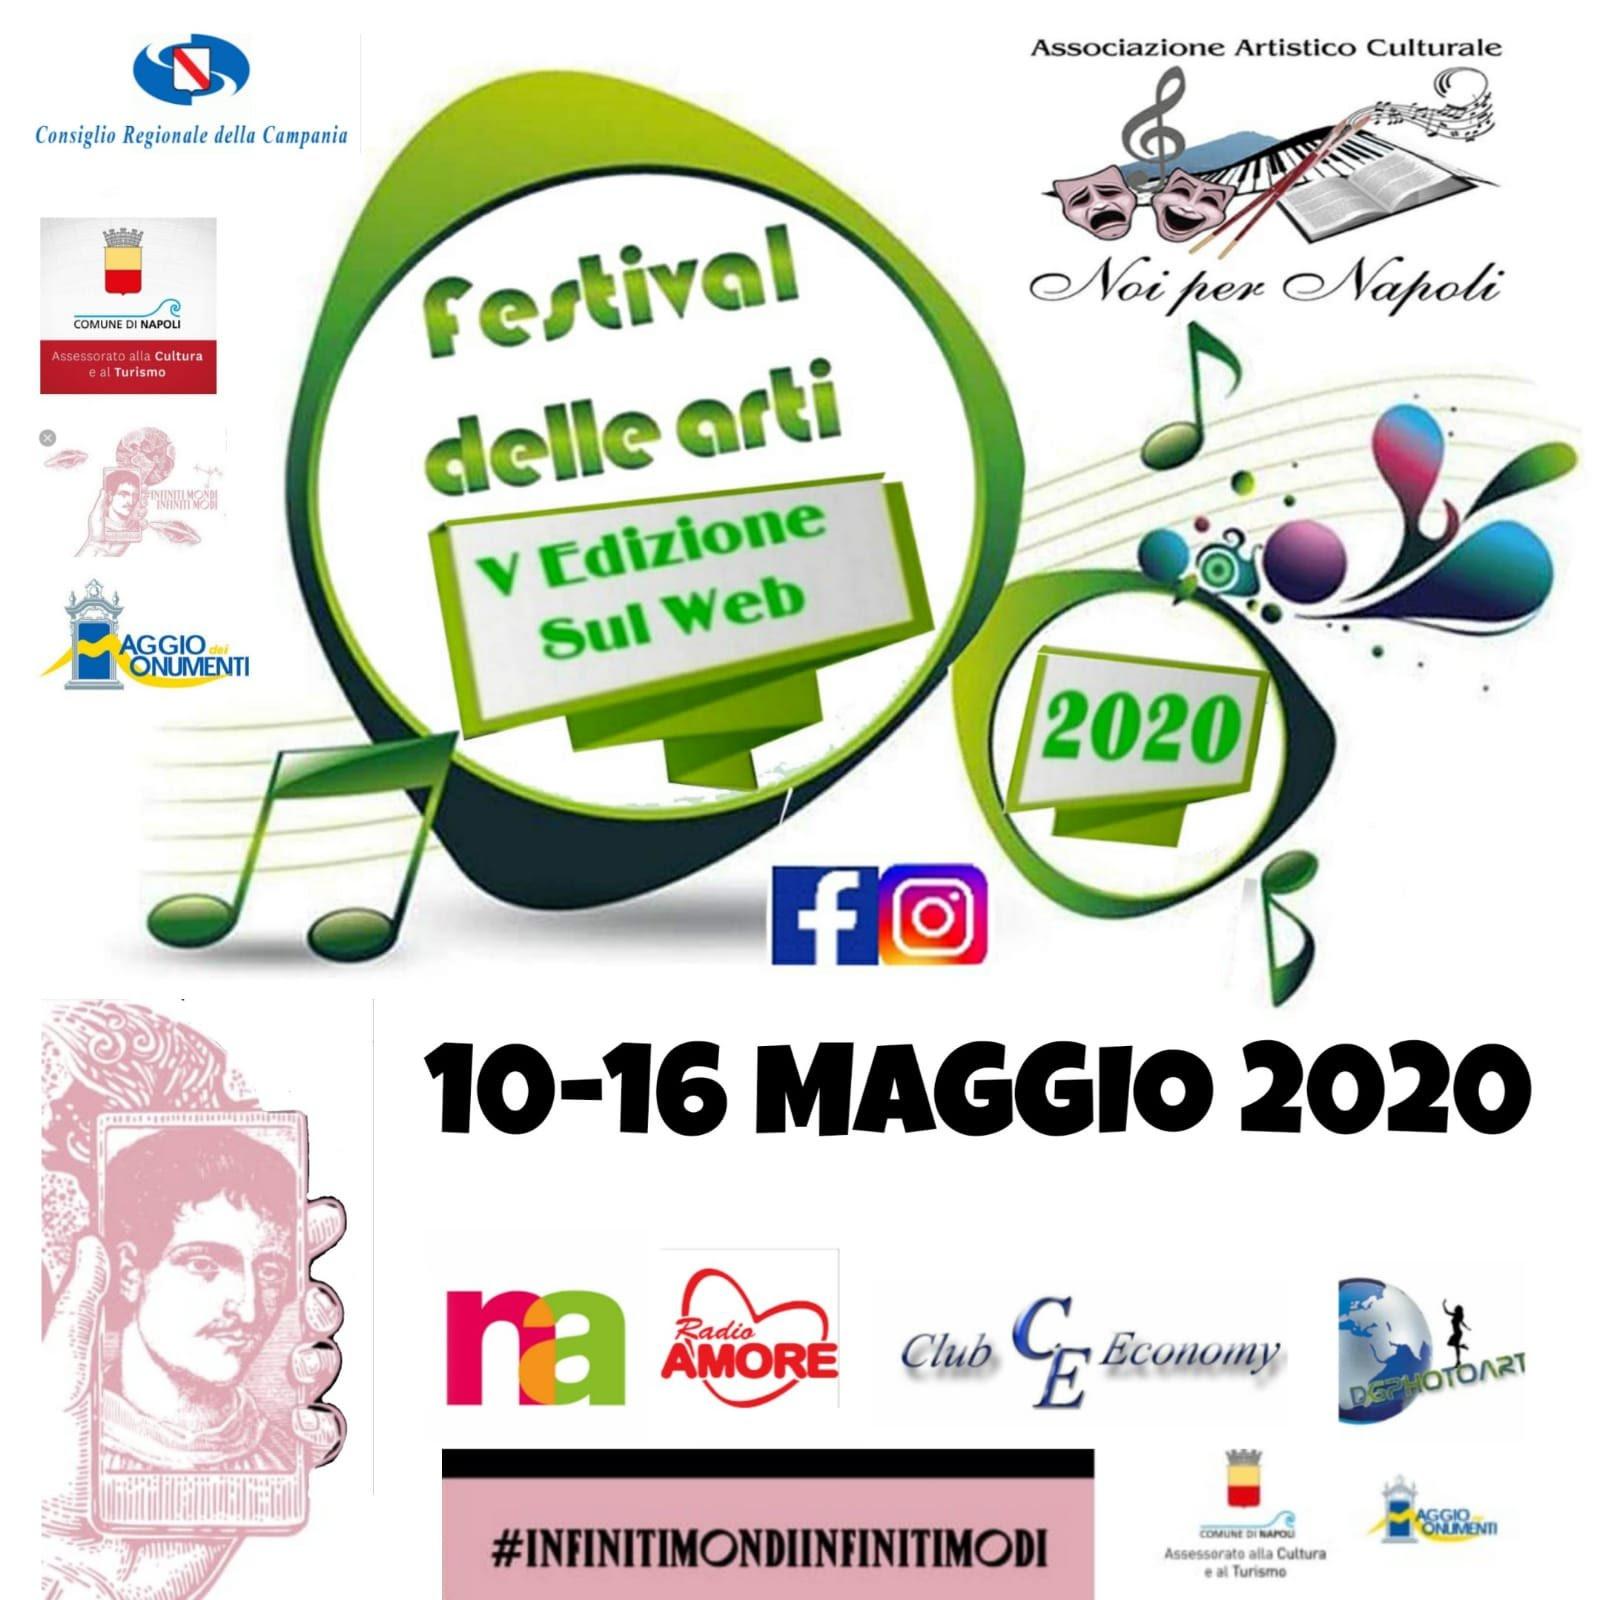 Festival delle Arti V Edizione sul Web Noi per Napoli